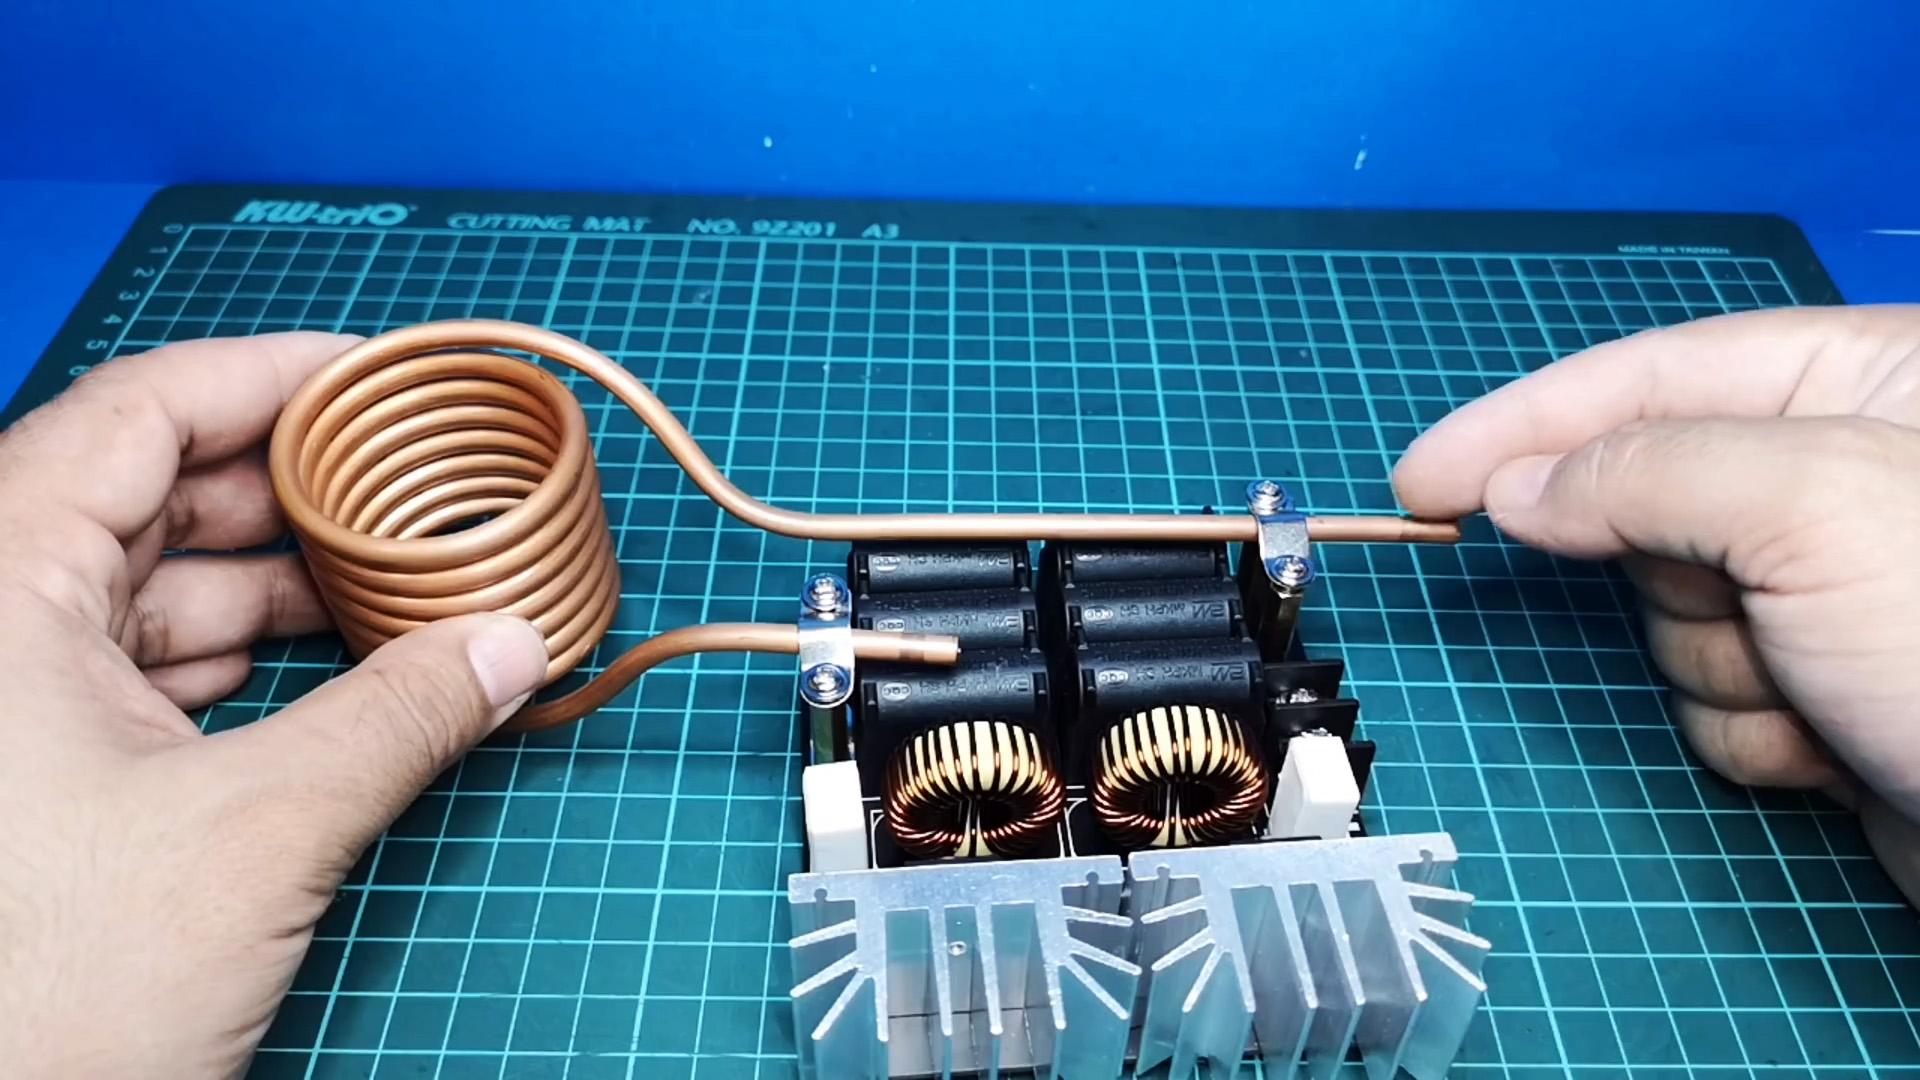 Индукционный нагреватель с АлиЭкспресс раскаляет плоскогубцы за пару минут